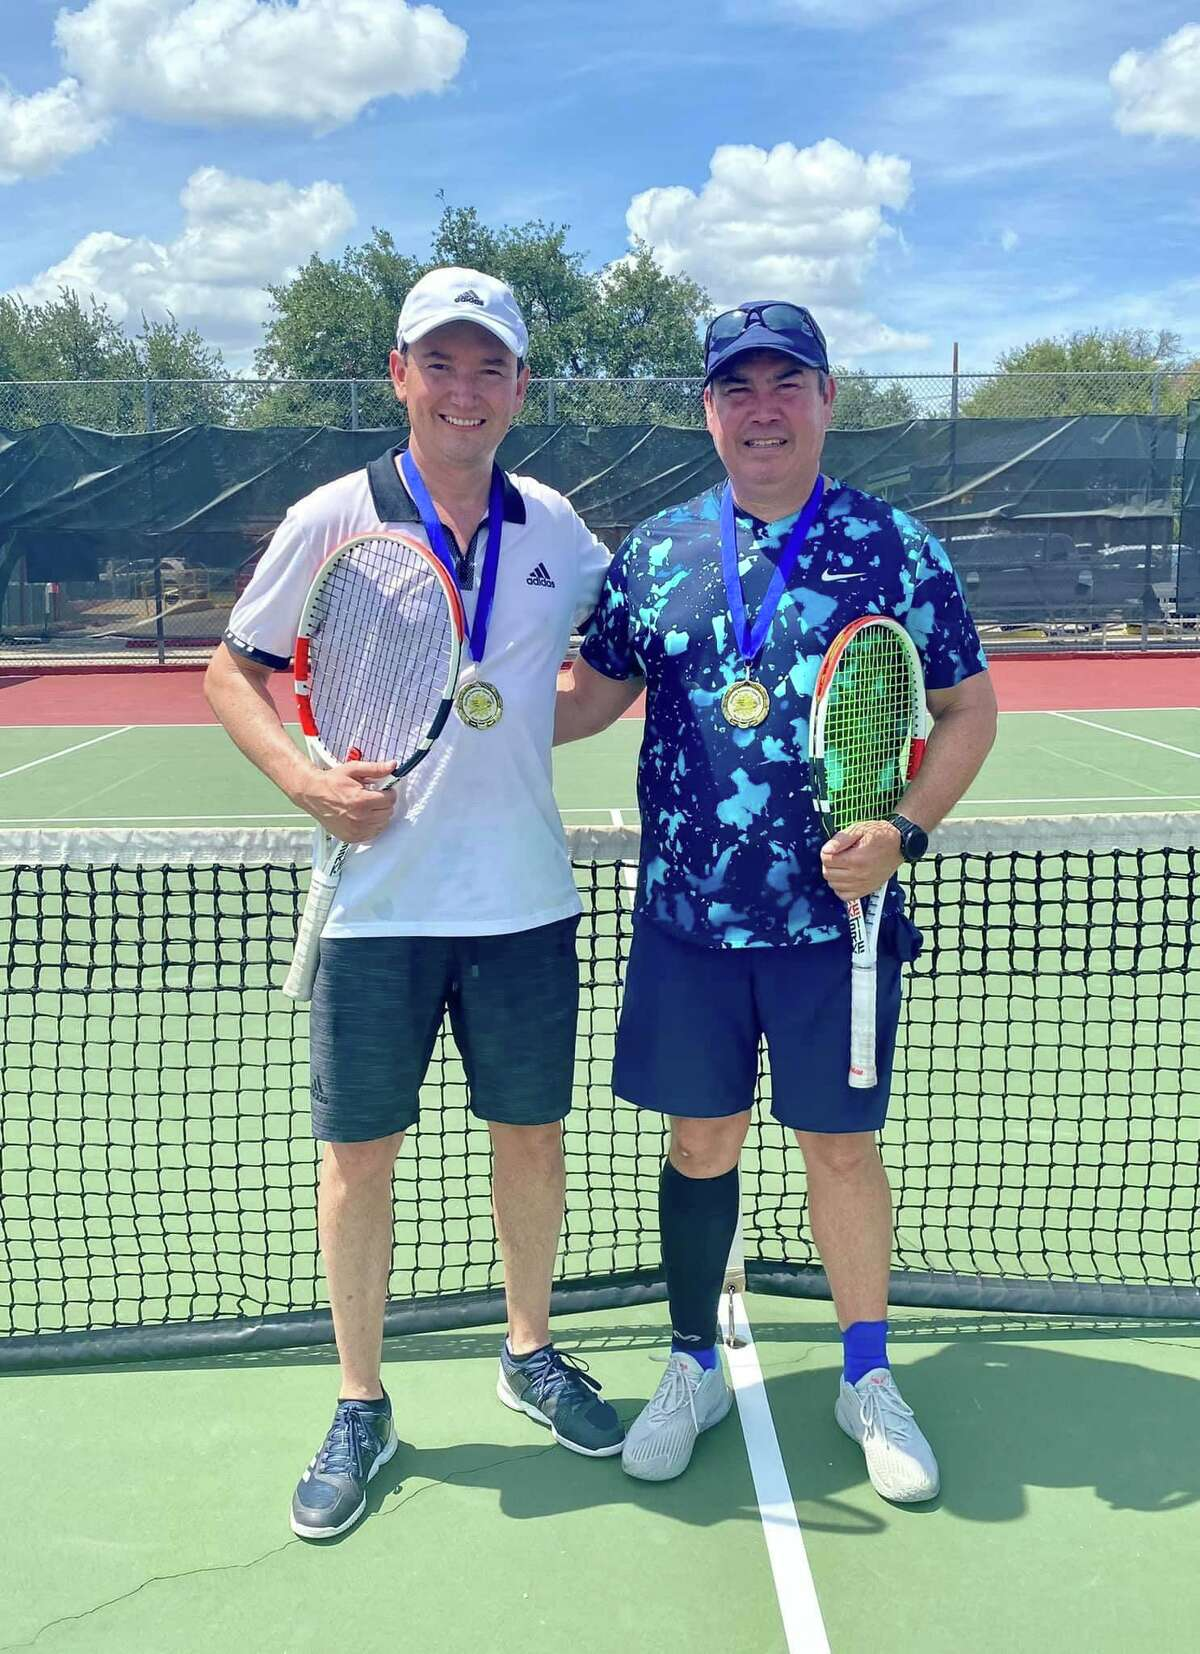 Men's Open Doubles Champions Jorge Gonzalez and Roy Santos